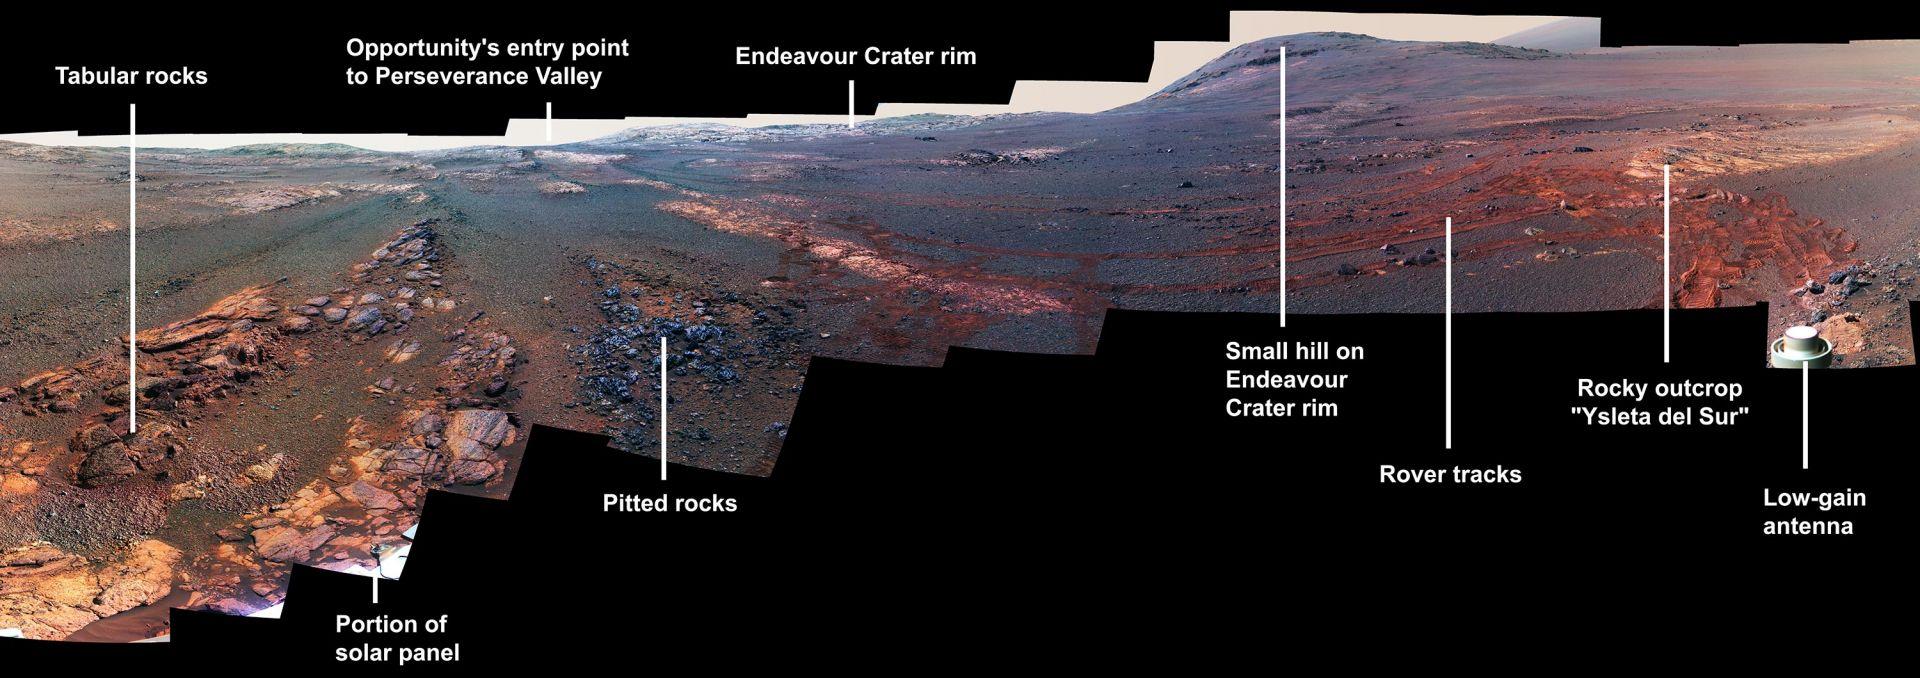 Това е последната панорама на Опортюнити в цвят с по-добър контраст